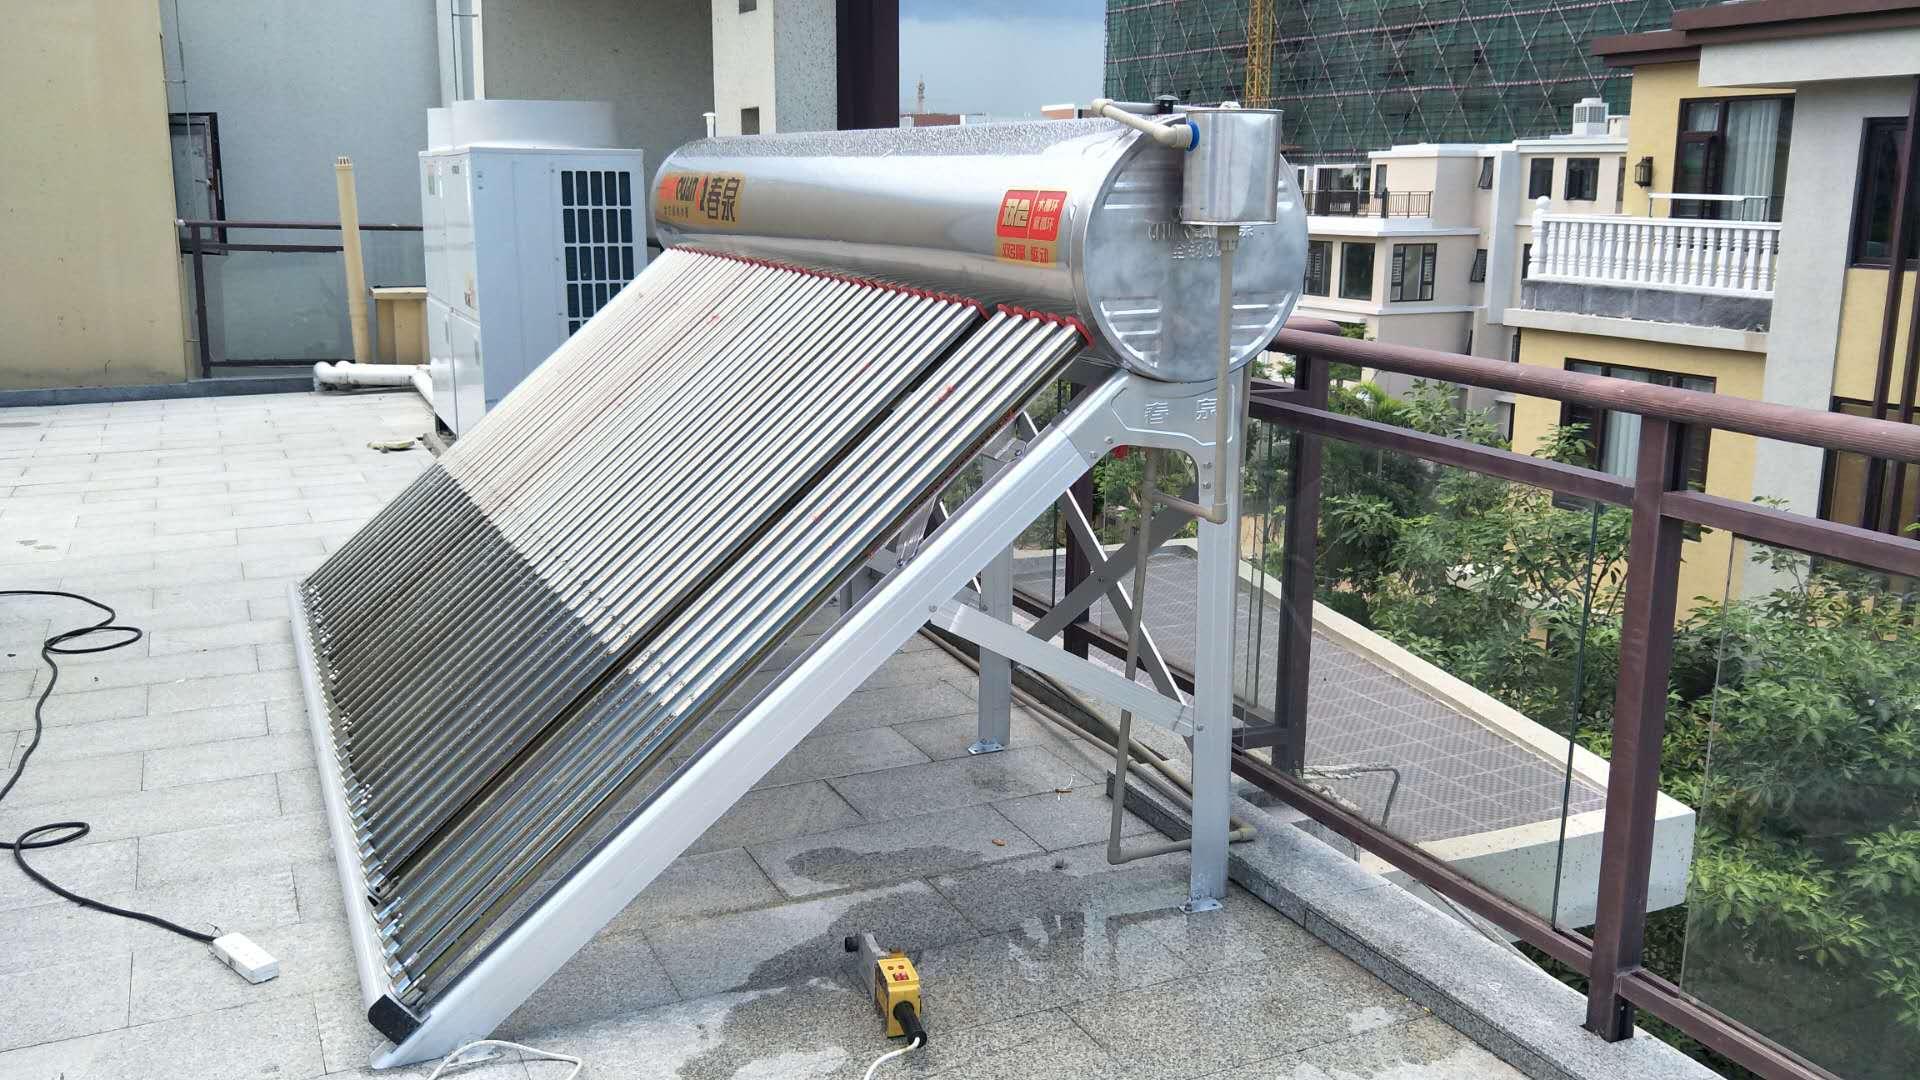 春泉太空能热水器空气能太阳能热水器家用一体机大容量一级节能省电热泵四季恒温双仓加配增压回水系统47管2匹/470升/10-14人